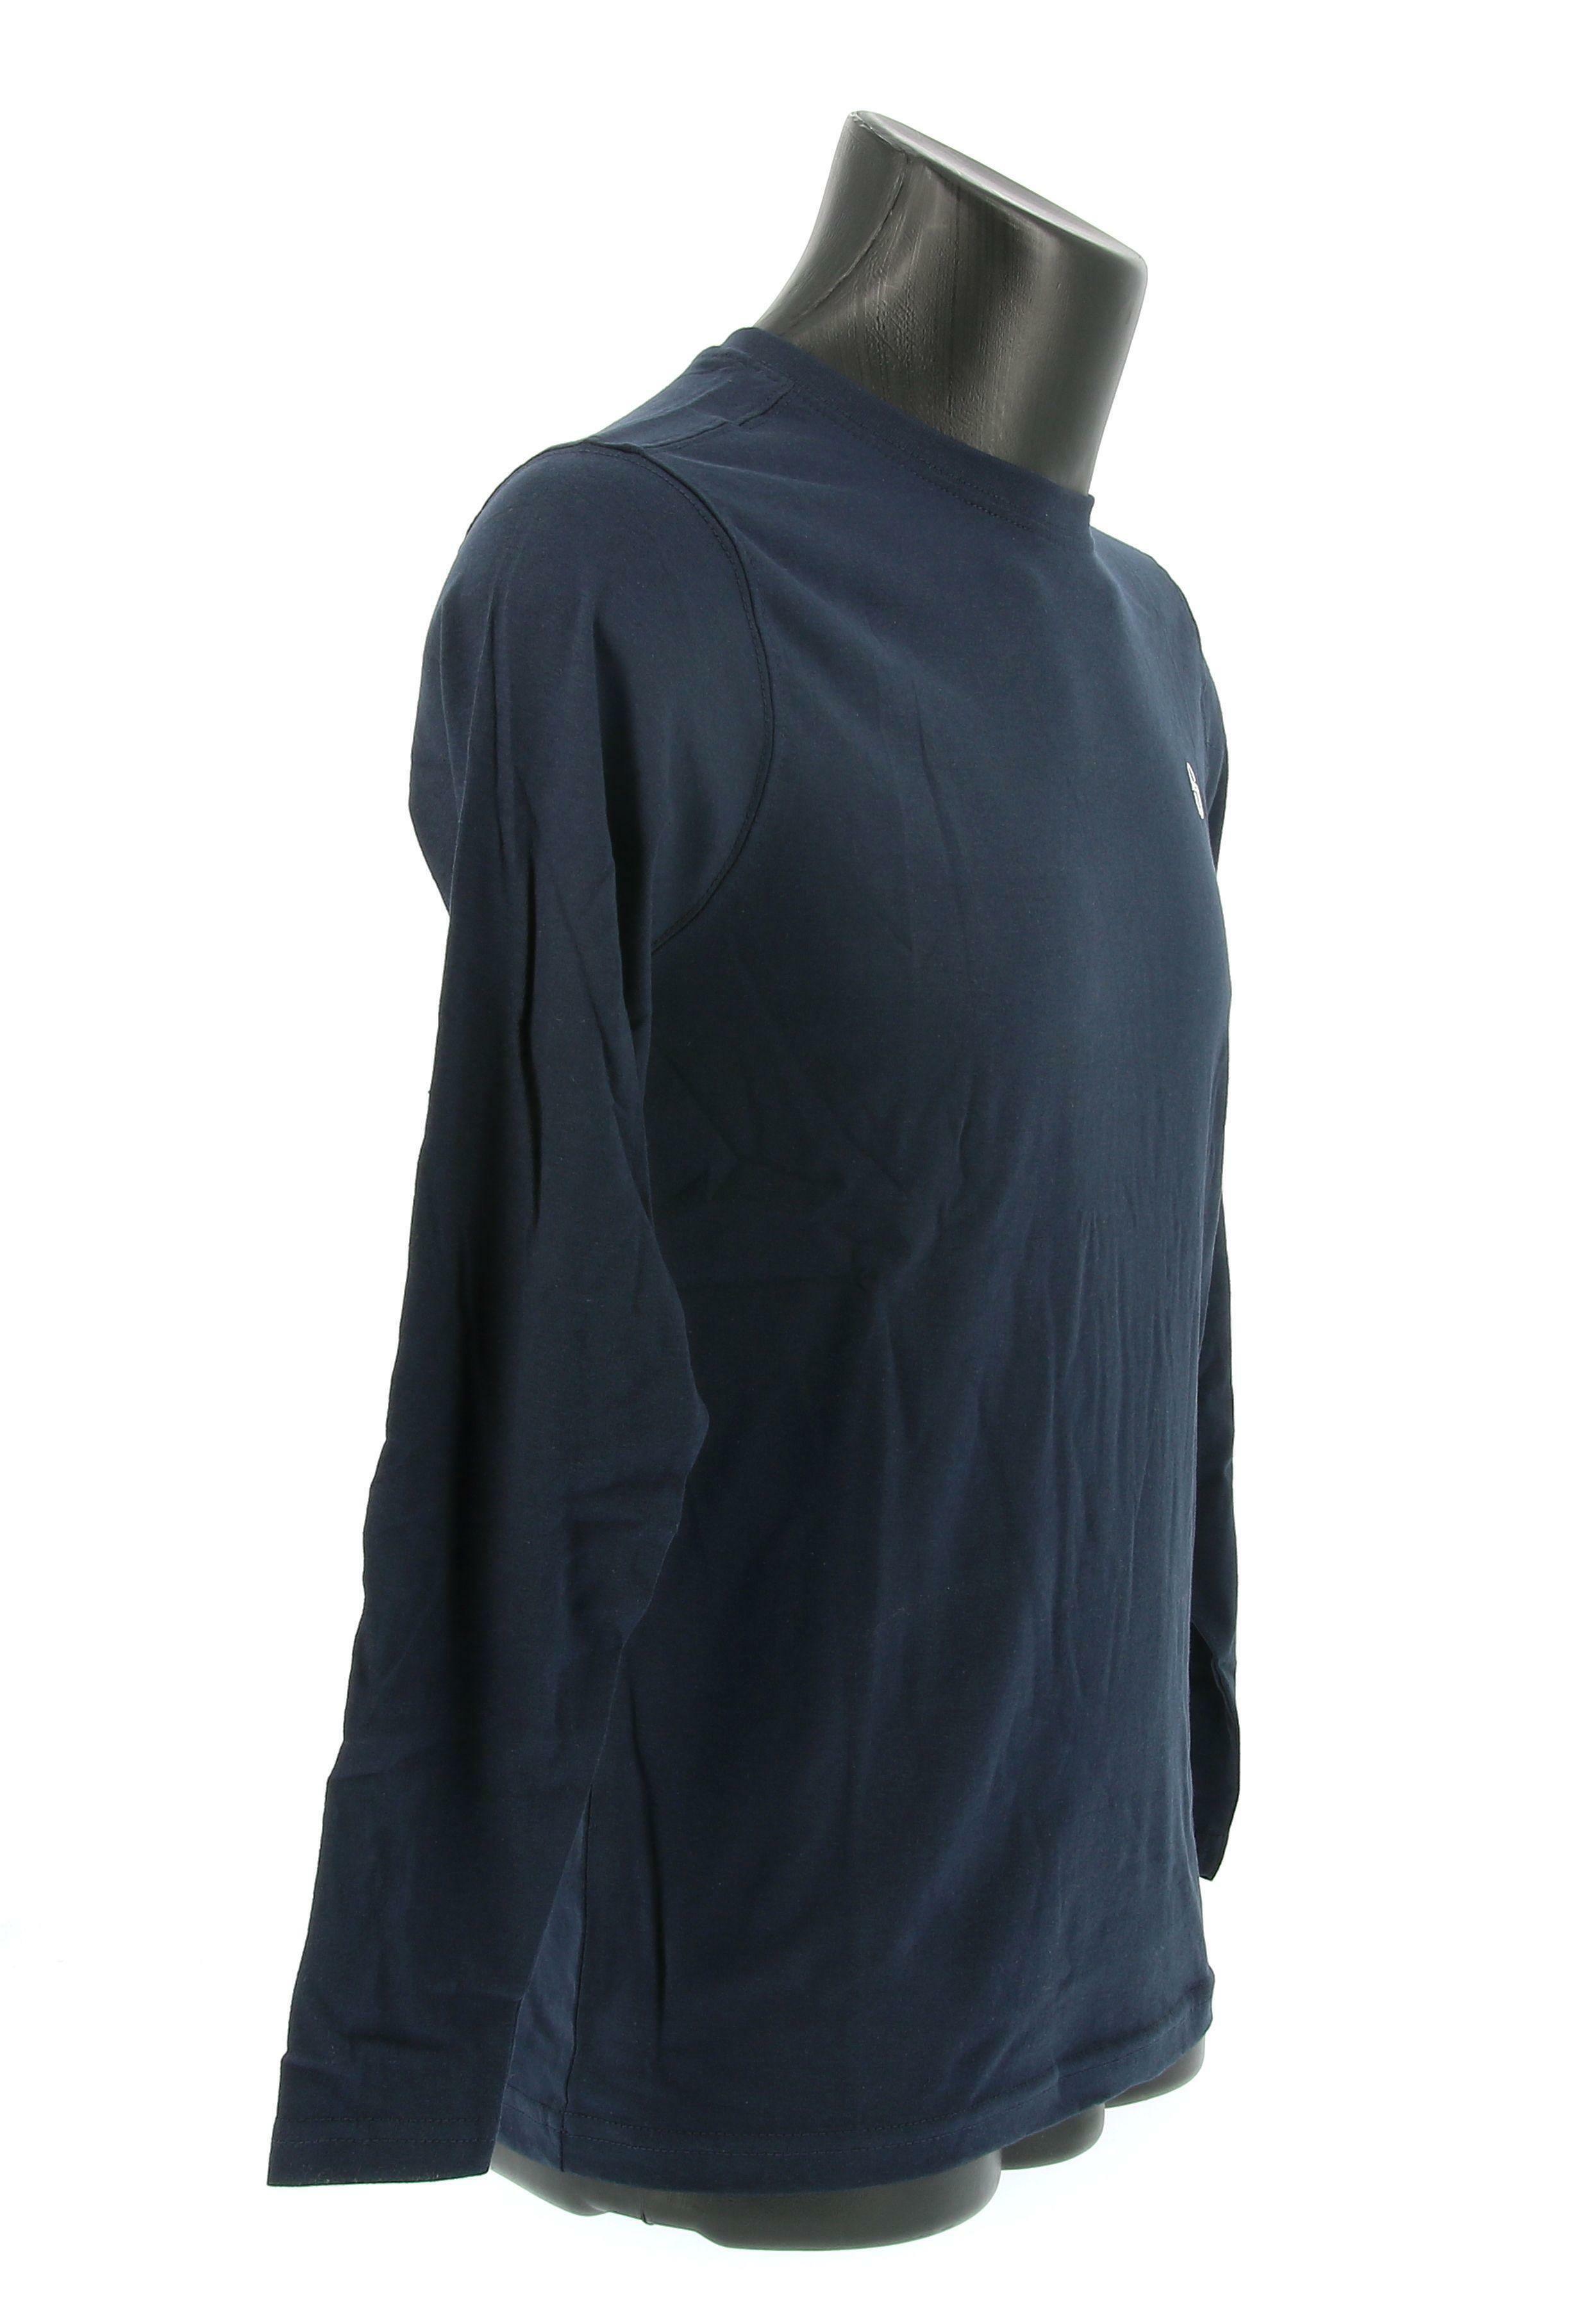 sergio tacchini sergio tacchini sl t-shirt iconic 10006 manica lunga uomo blue